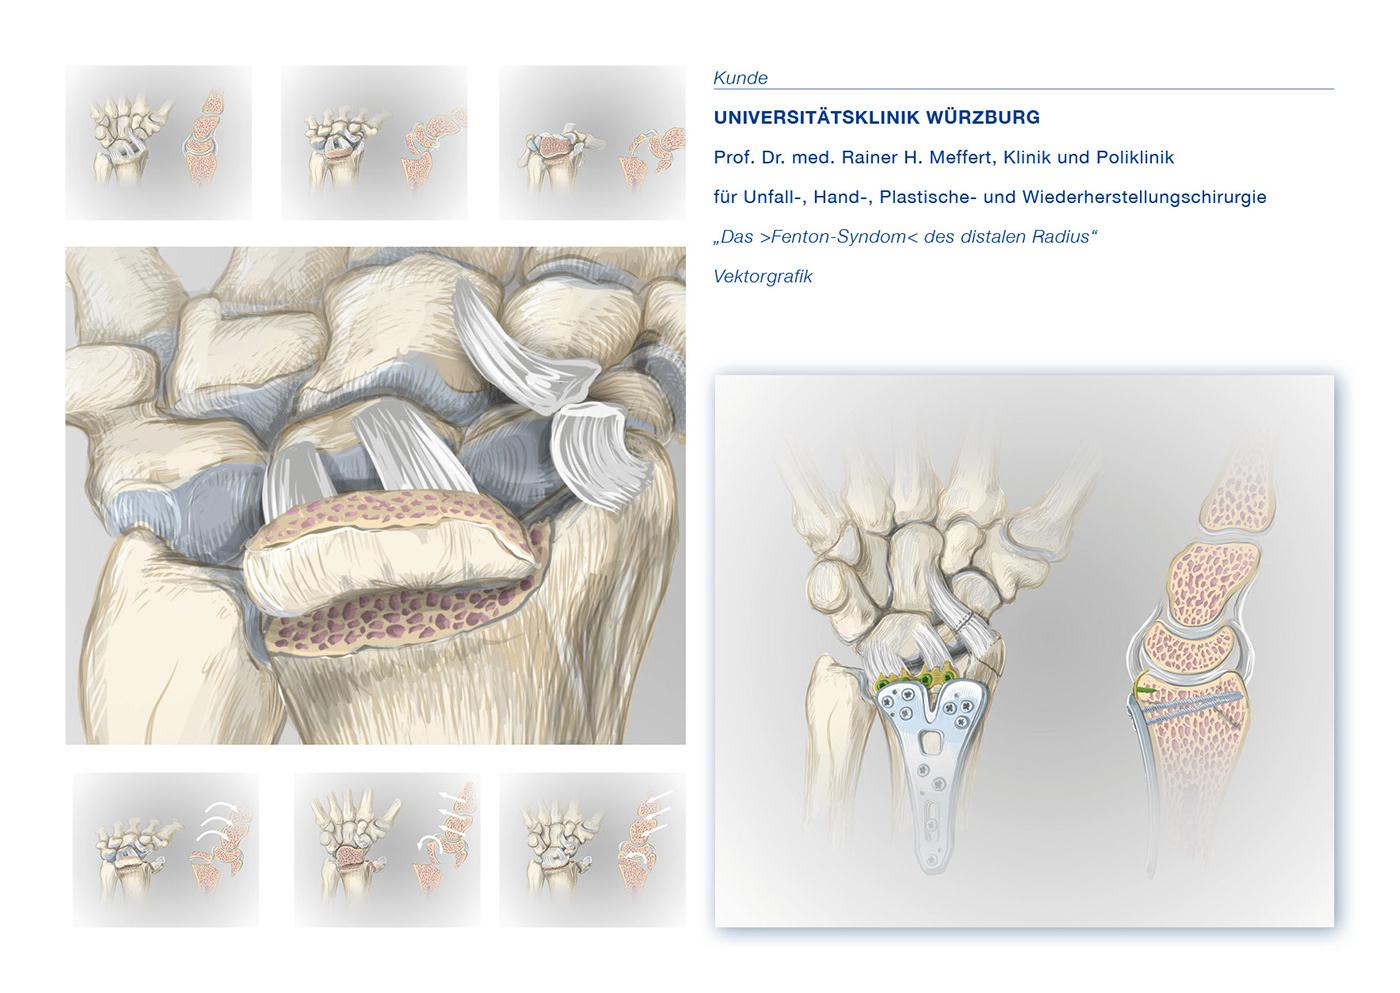 anatomie Medizin Archeologie